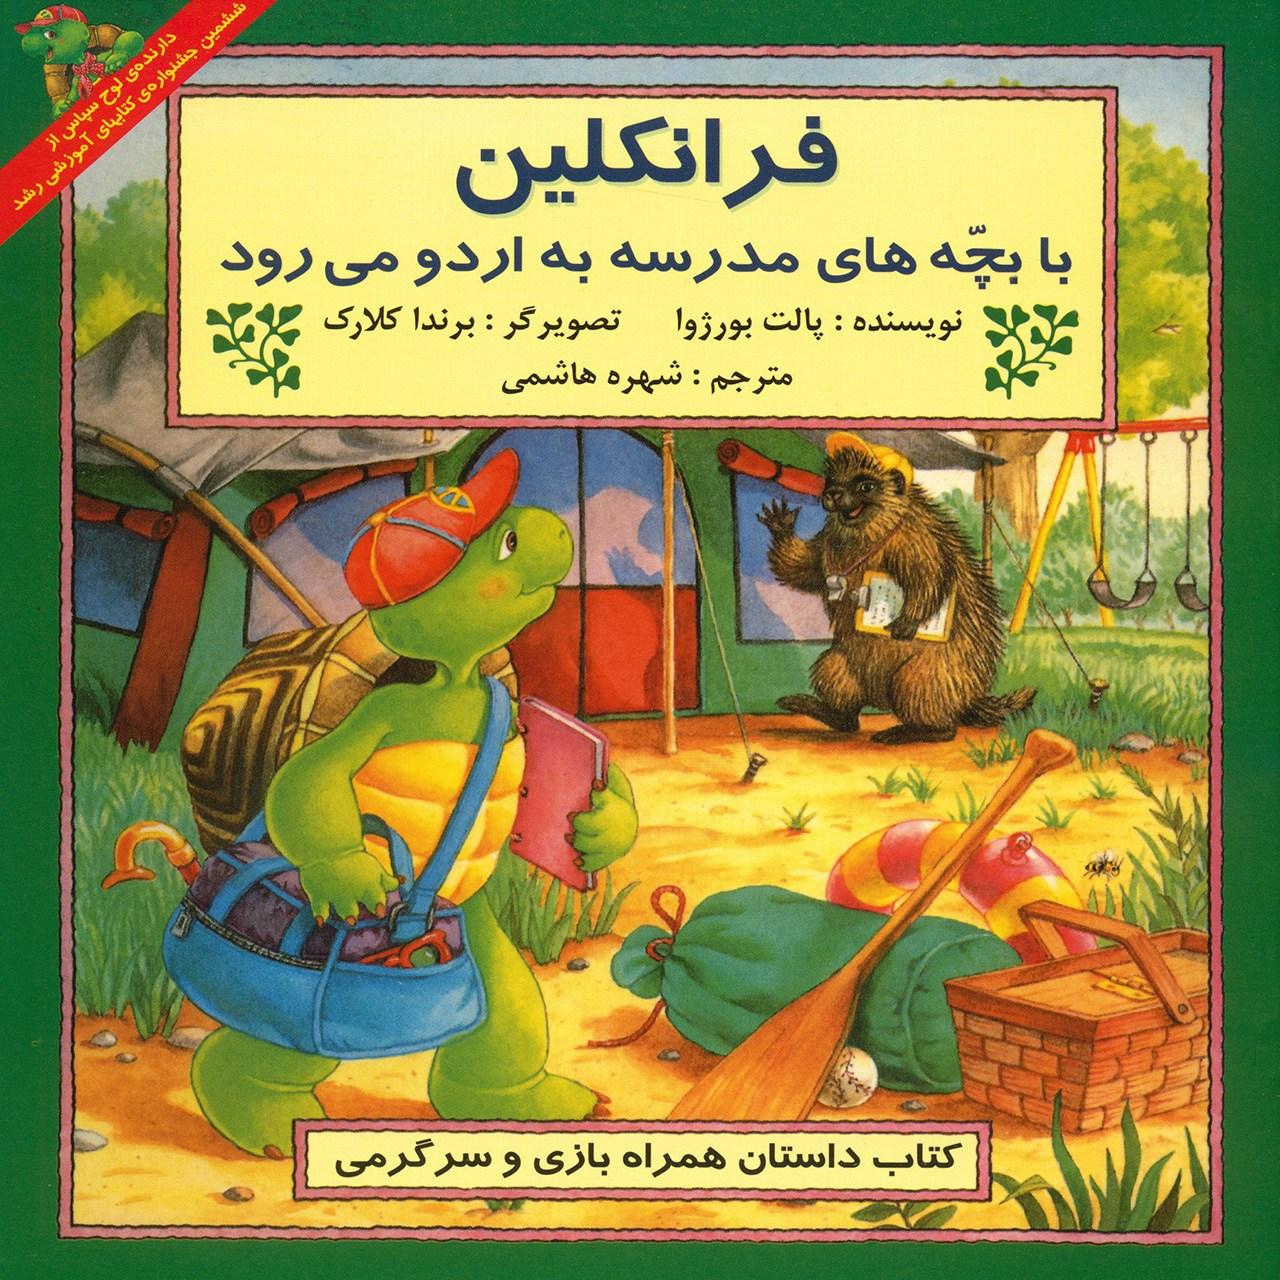 کتاب فرانکلین با بچه های مدرسه به اردو می رود اثر پالت بورژوا